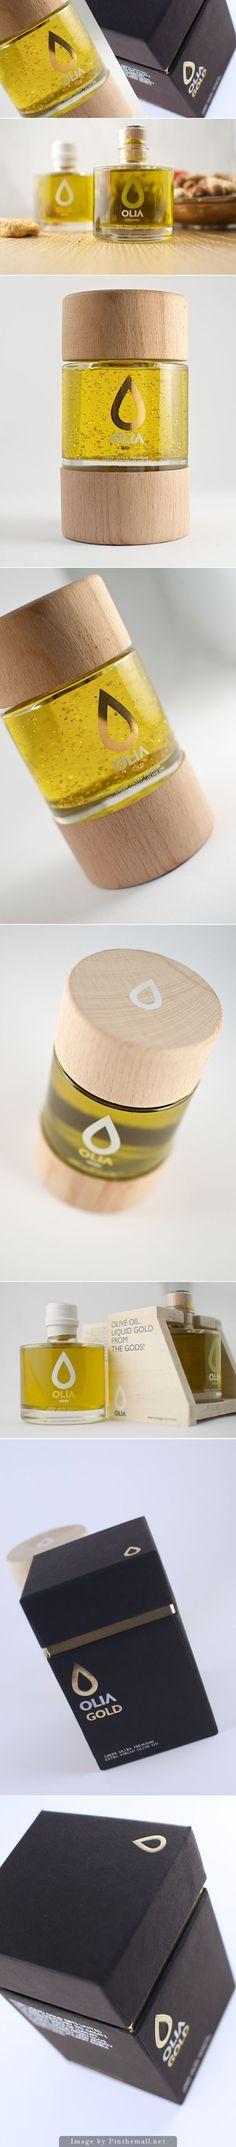 Le contenant verre et bois. J'aime. Olive, Argan oil... En vaporisateur en plus!